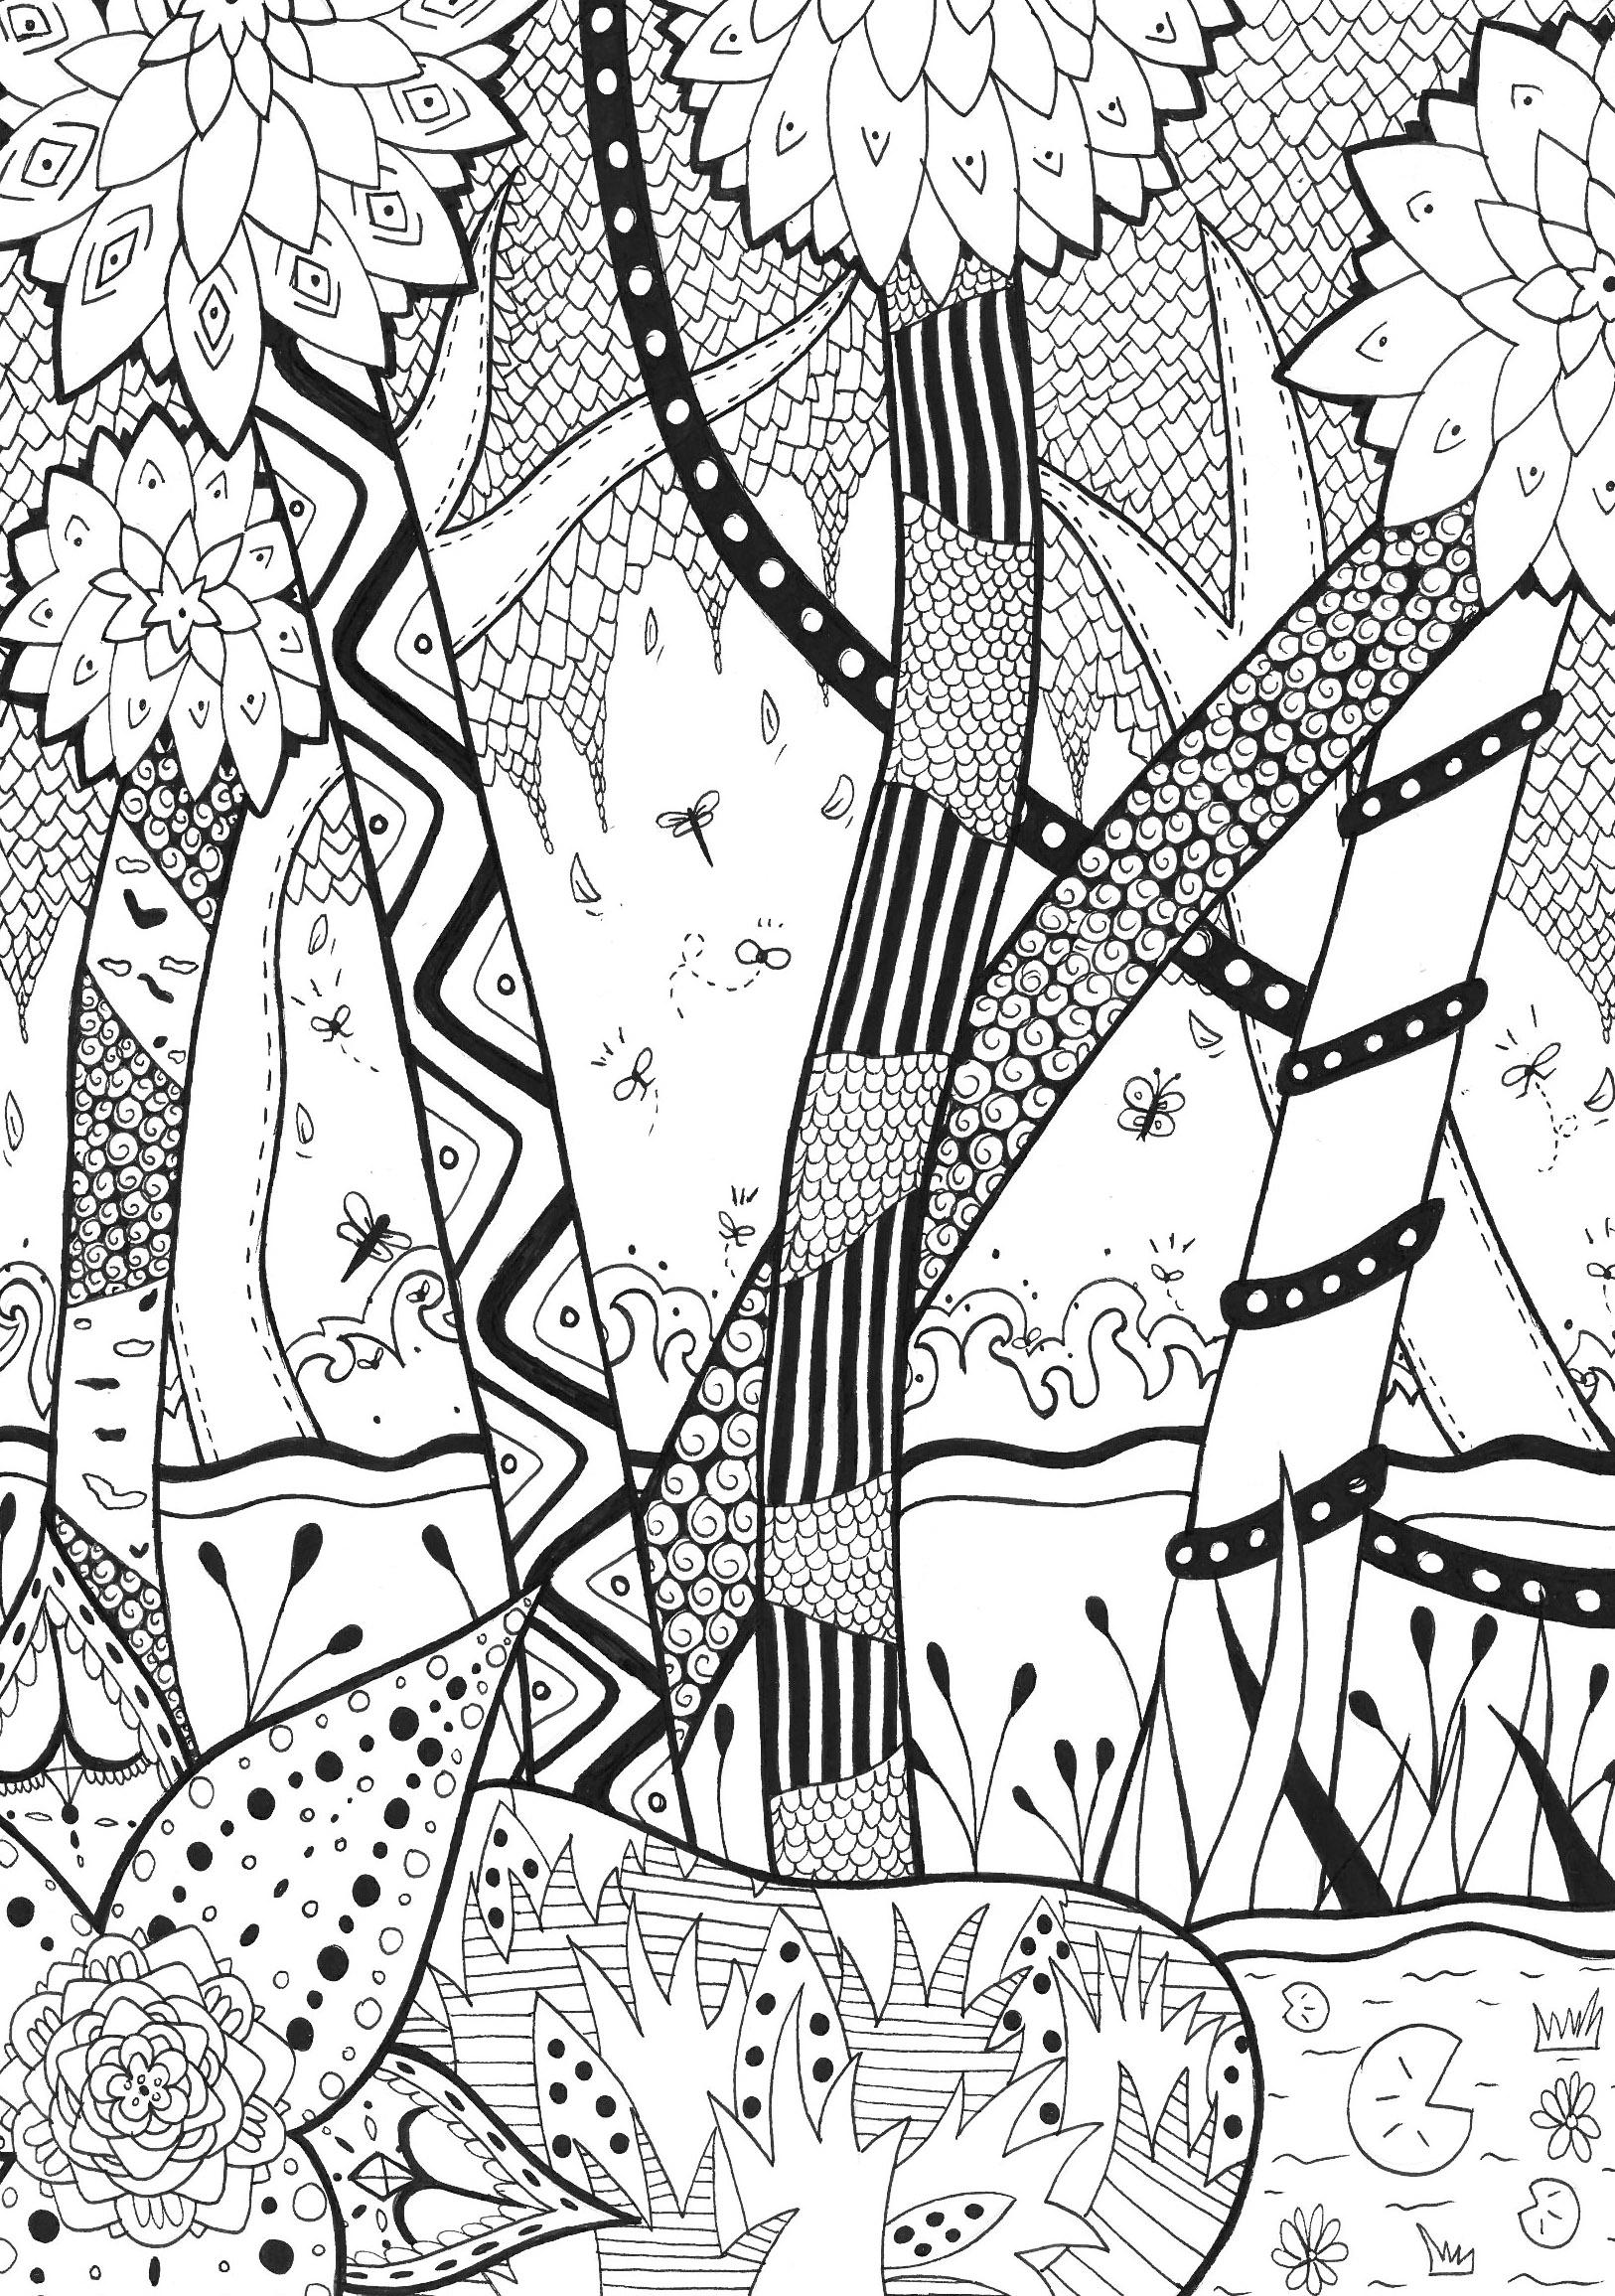 Selva y bosque 9151 - Selva y bosque - Colorear para Adultos